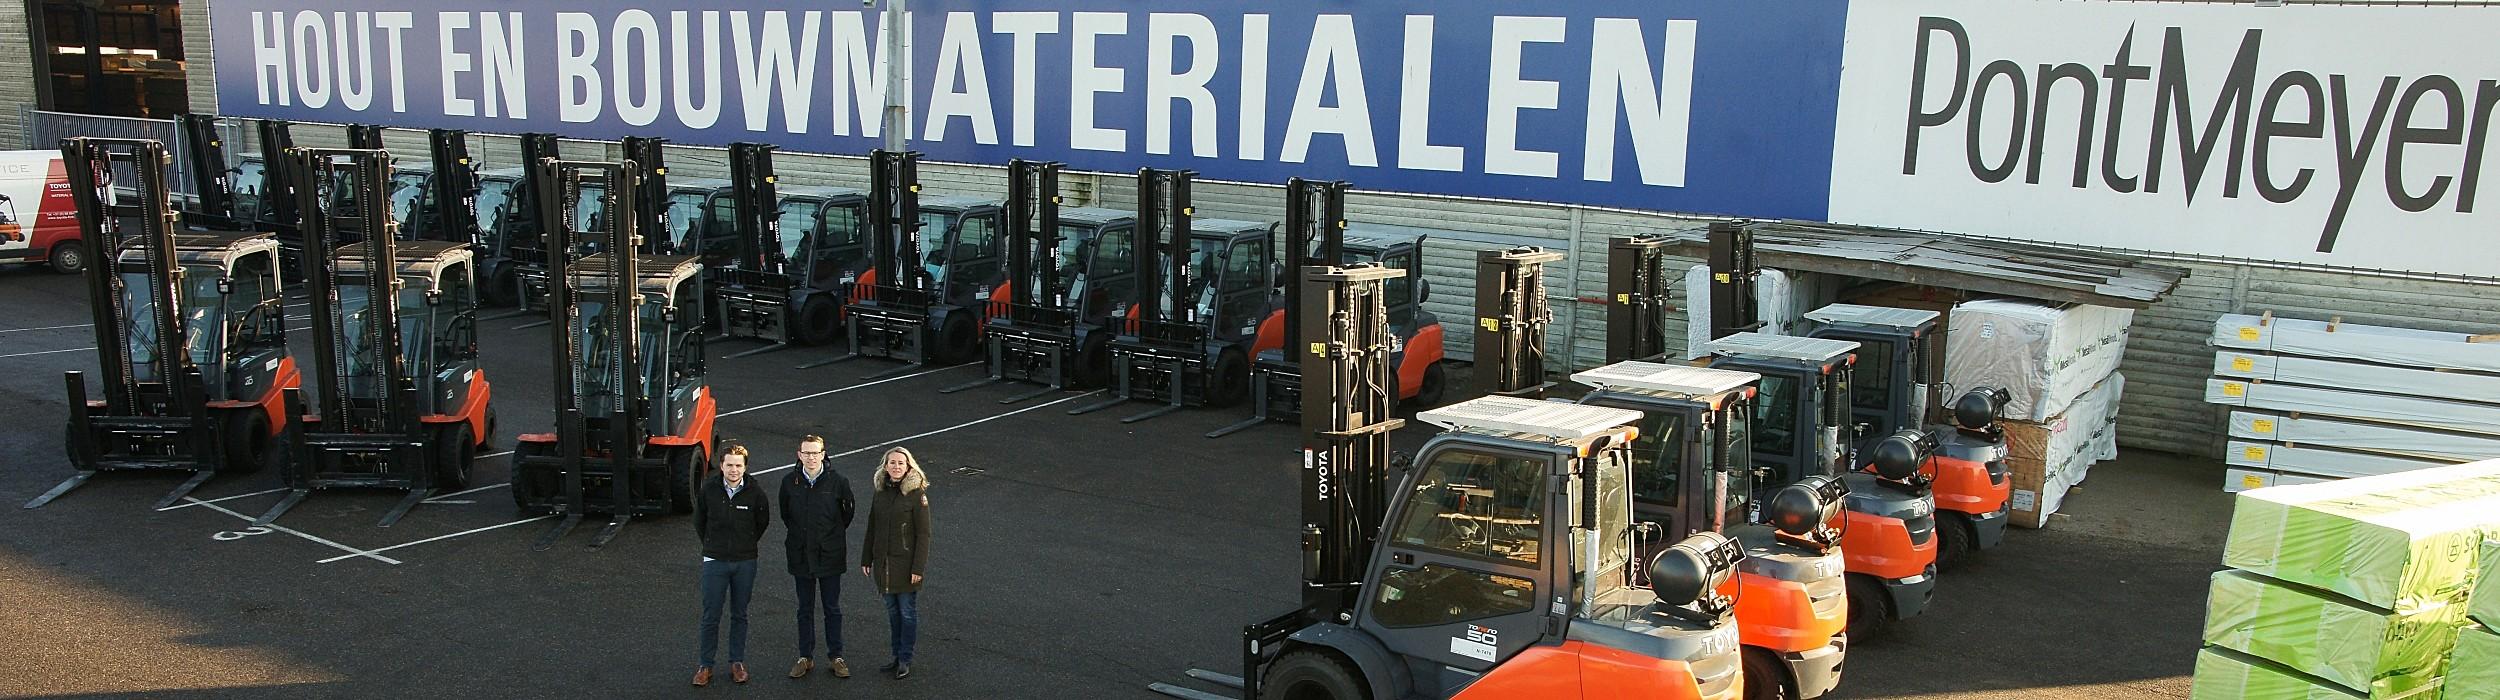 Pontmeyer vernieuwt vloot met Toyota's